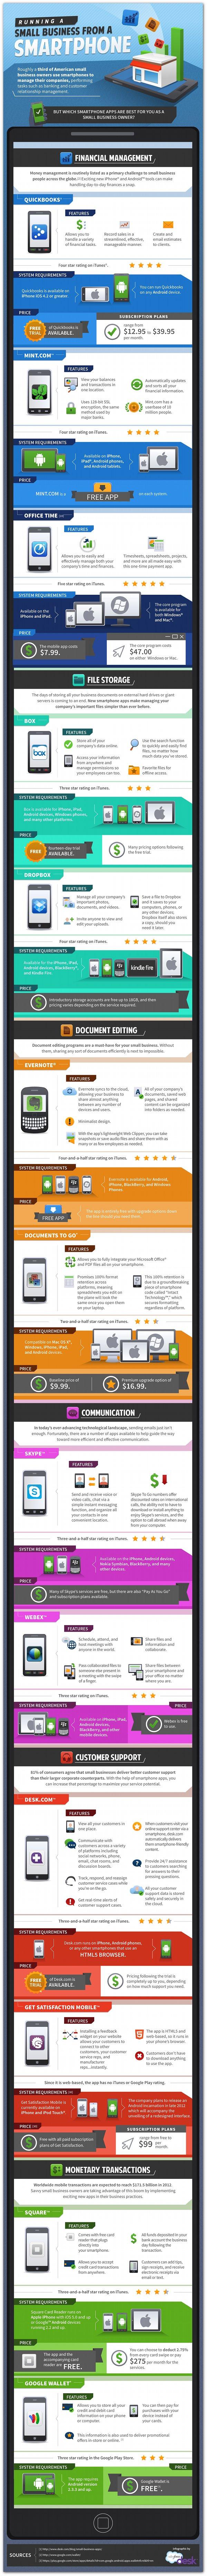 Infografía: aplicaciones para gestionar una empresa desde el móvil